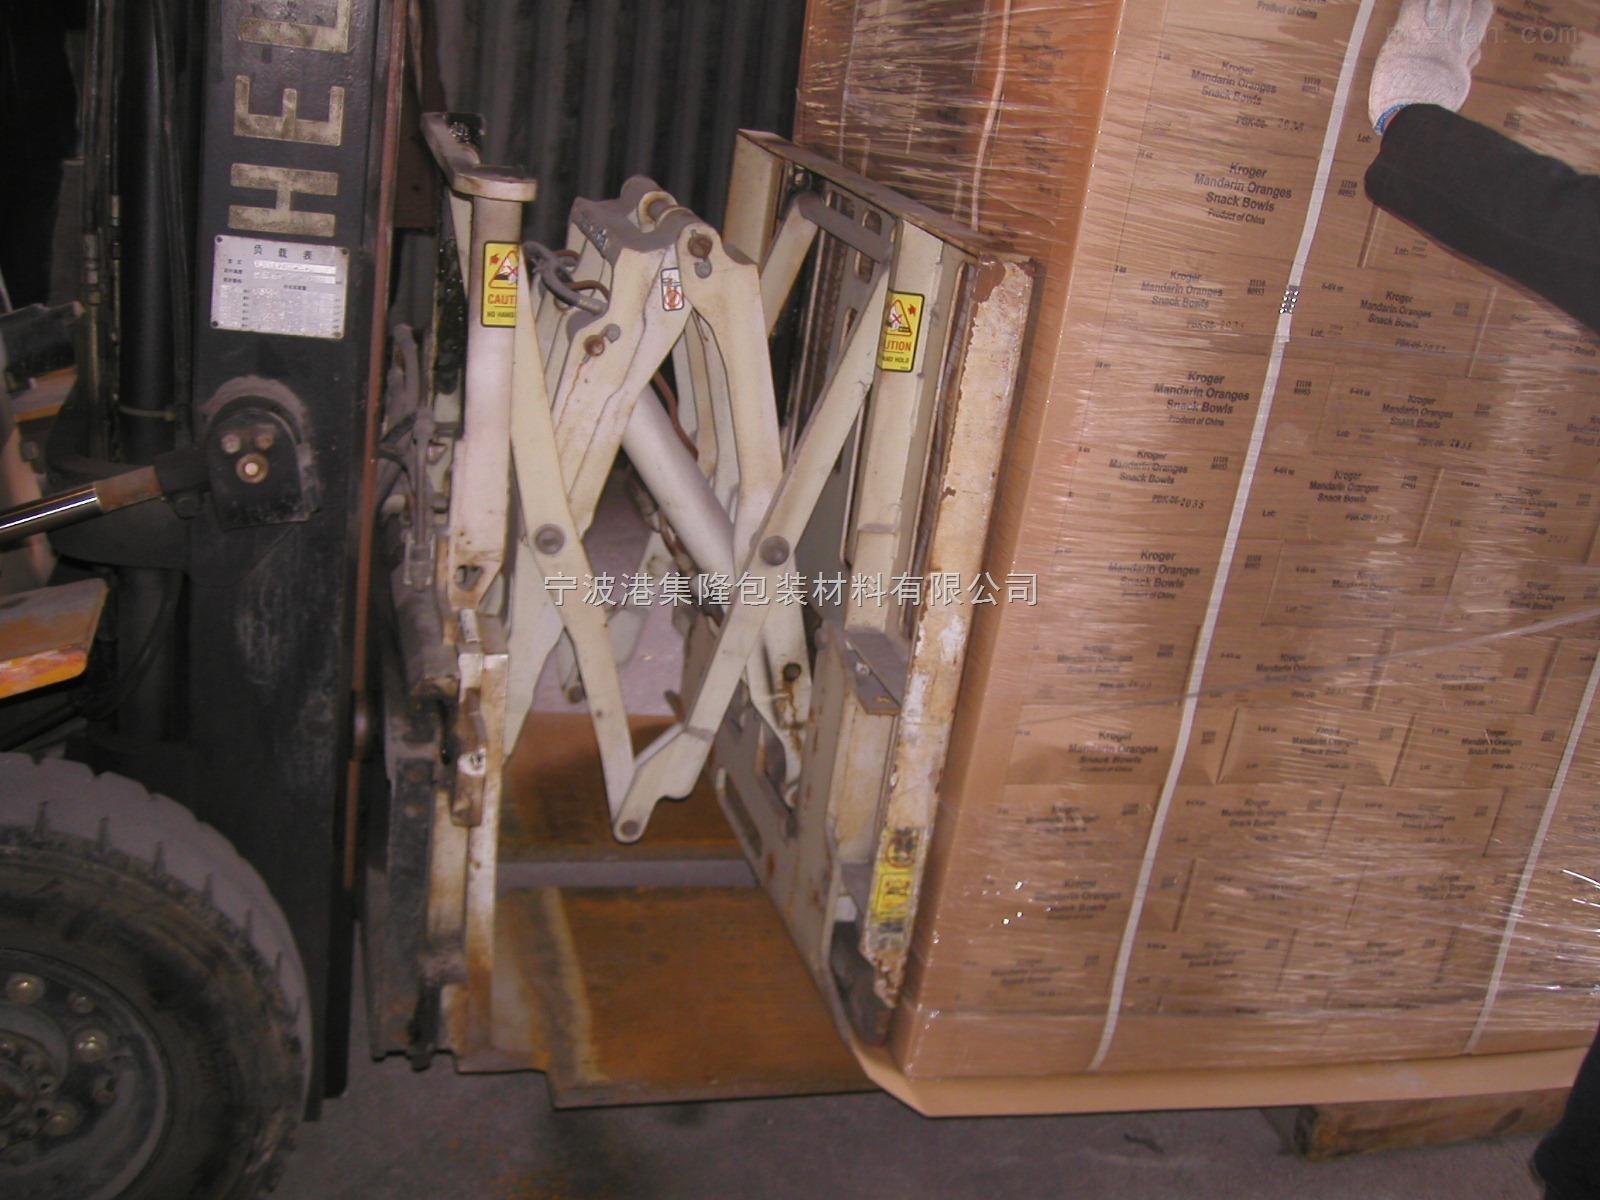 滑板纸 纸滑板 纸滑托板 纸滑拖盘 纸滑拖板 纸滑托盘